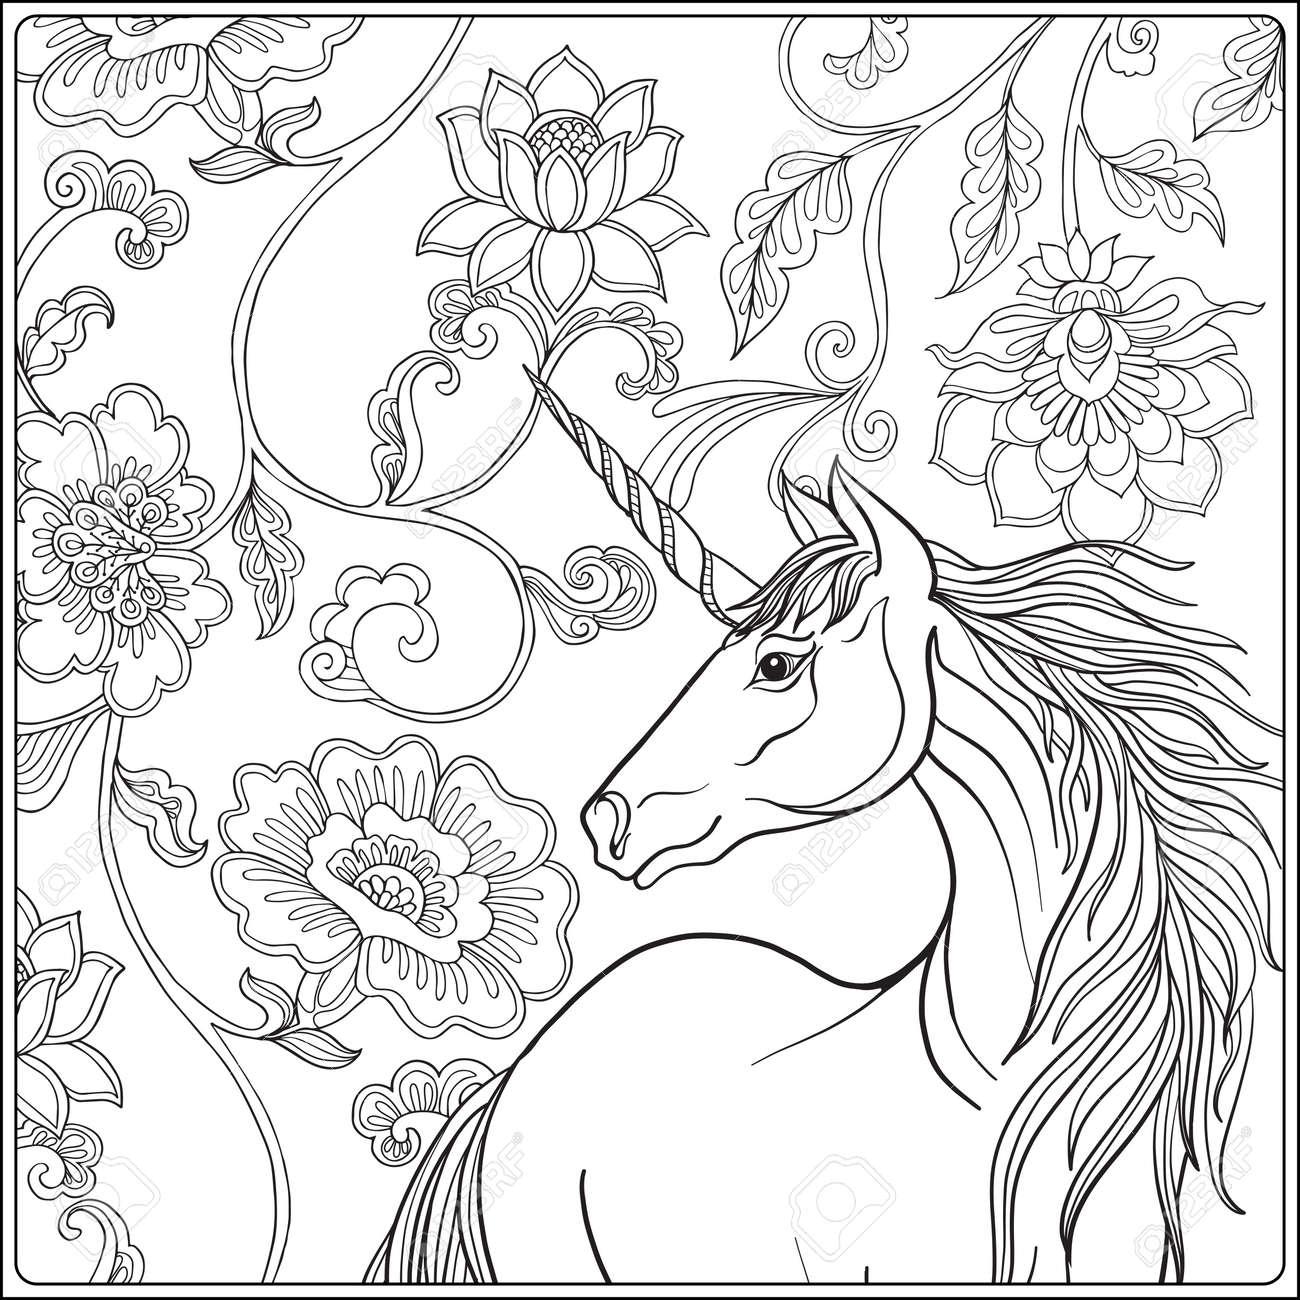 Unicornio En El Jardin Magico Fondo De Flores Decorativas De La